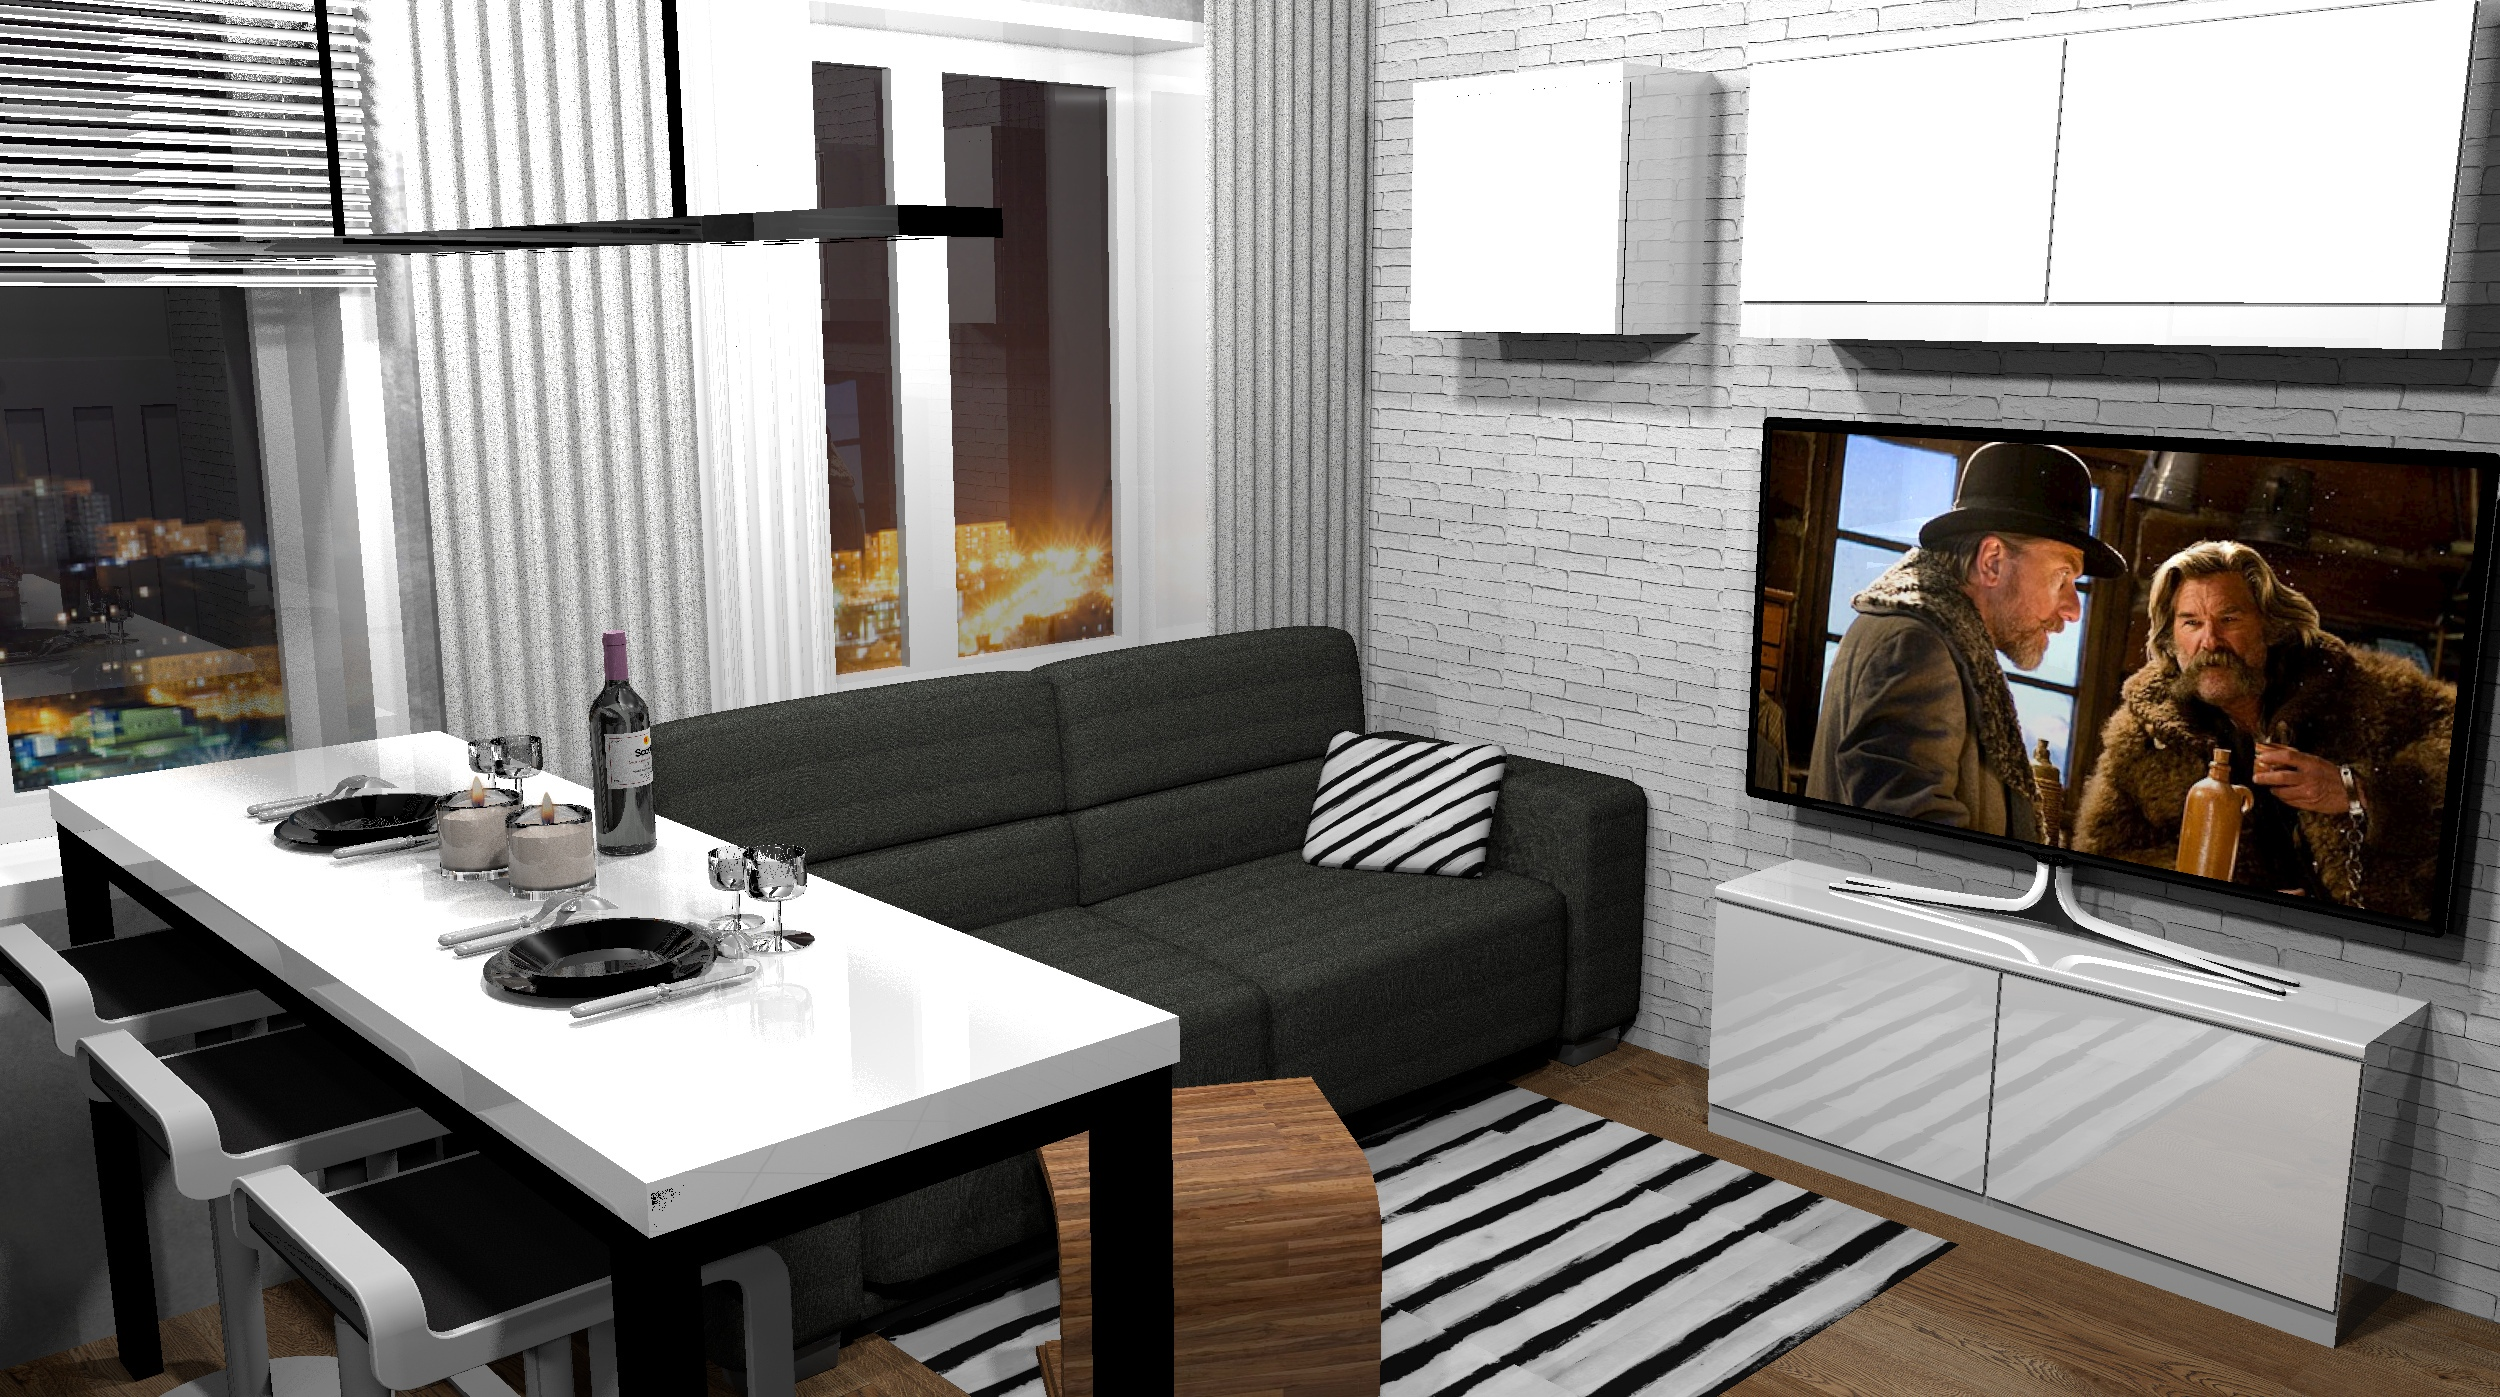 Проект квартиры-студии 24 кв/м в современном стиле.